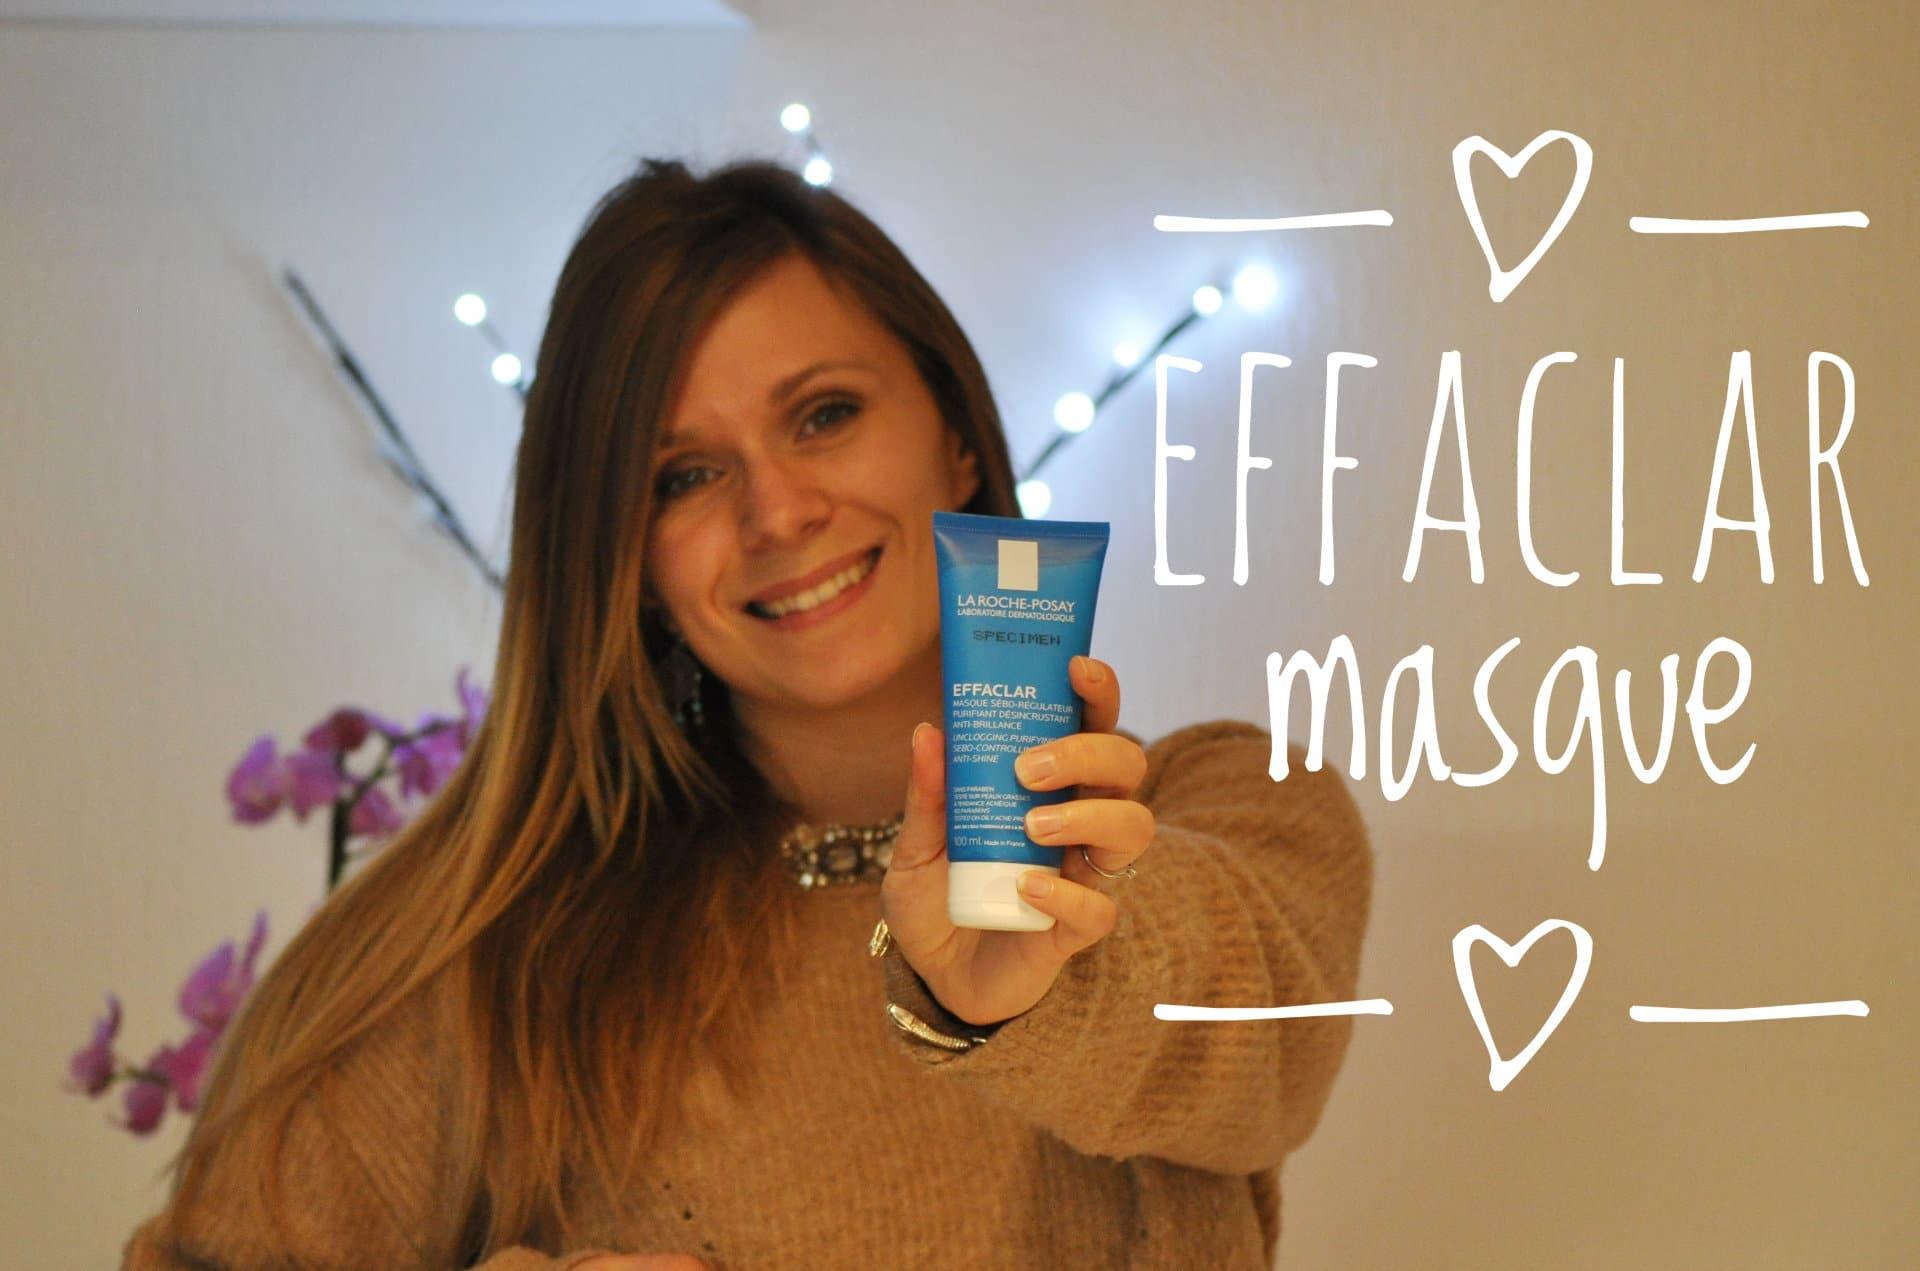 Test du masque Effaclar de La Roche-Posay: peau mixte, peau sensible et peau grasse.